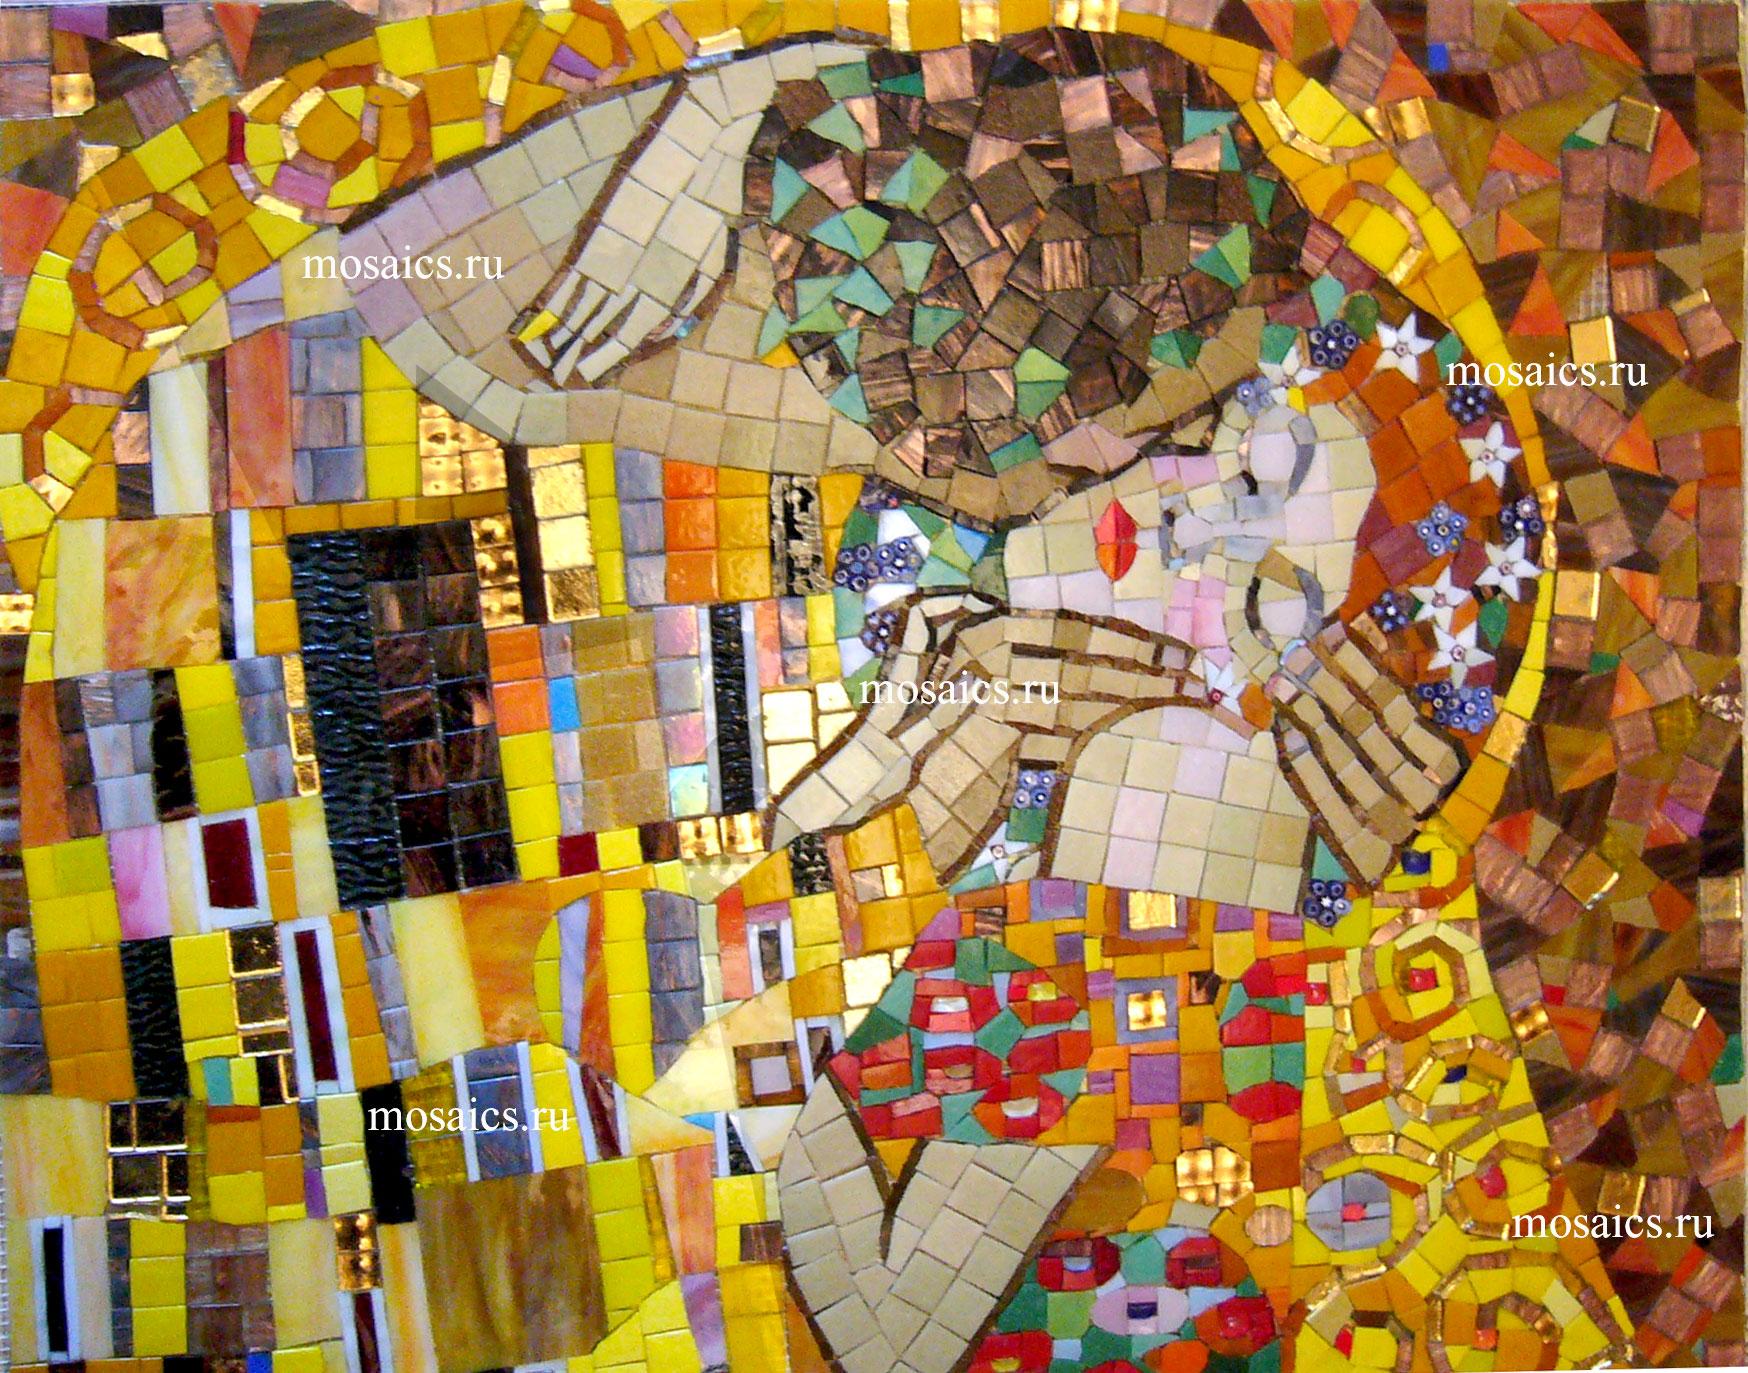 Мозаика в интерьере (42 фото): декор современной кокосовой мозаичной плиткой и мелкая цветная мозаика в гостиной